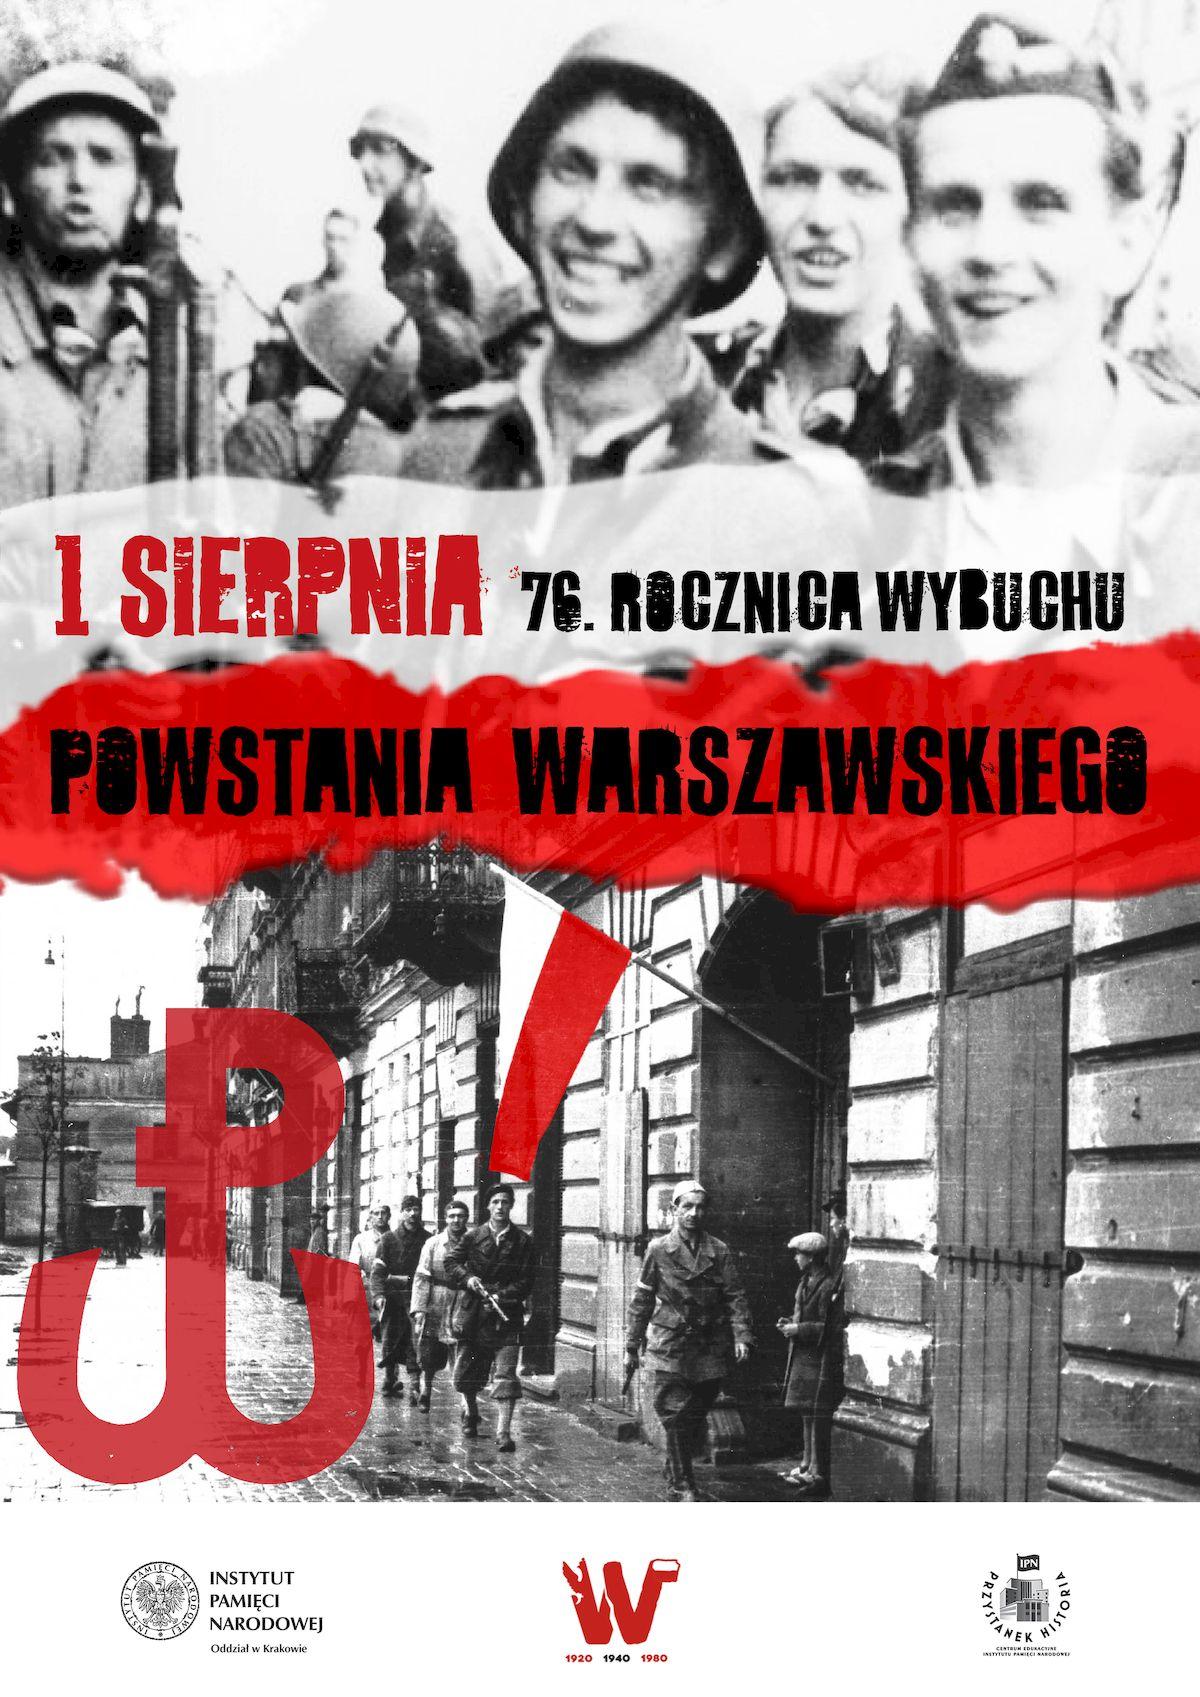 https://krakow.ipn.gov.pl/dokumenty/zalaczniki/82/82-442794.jpg